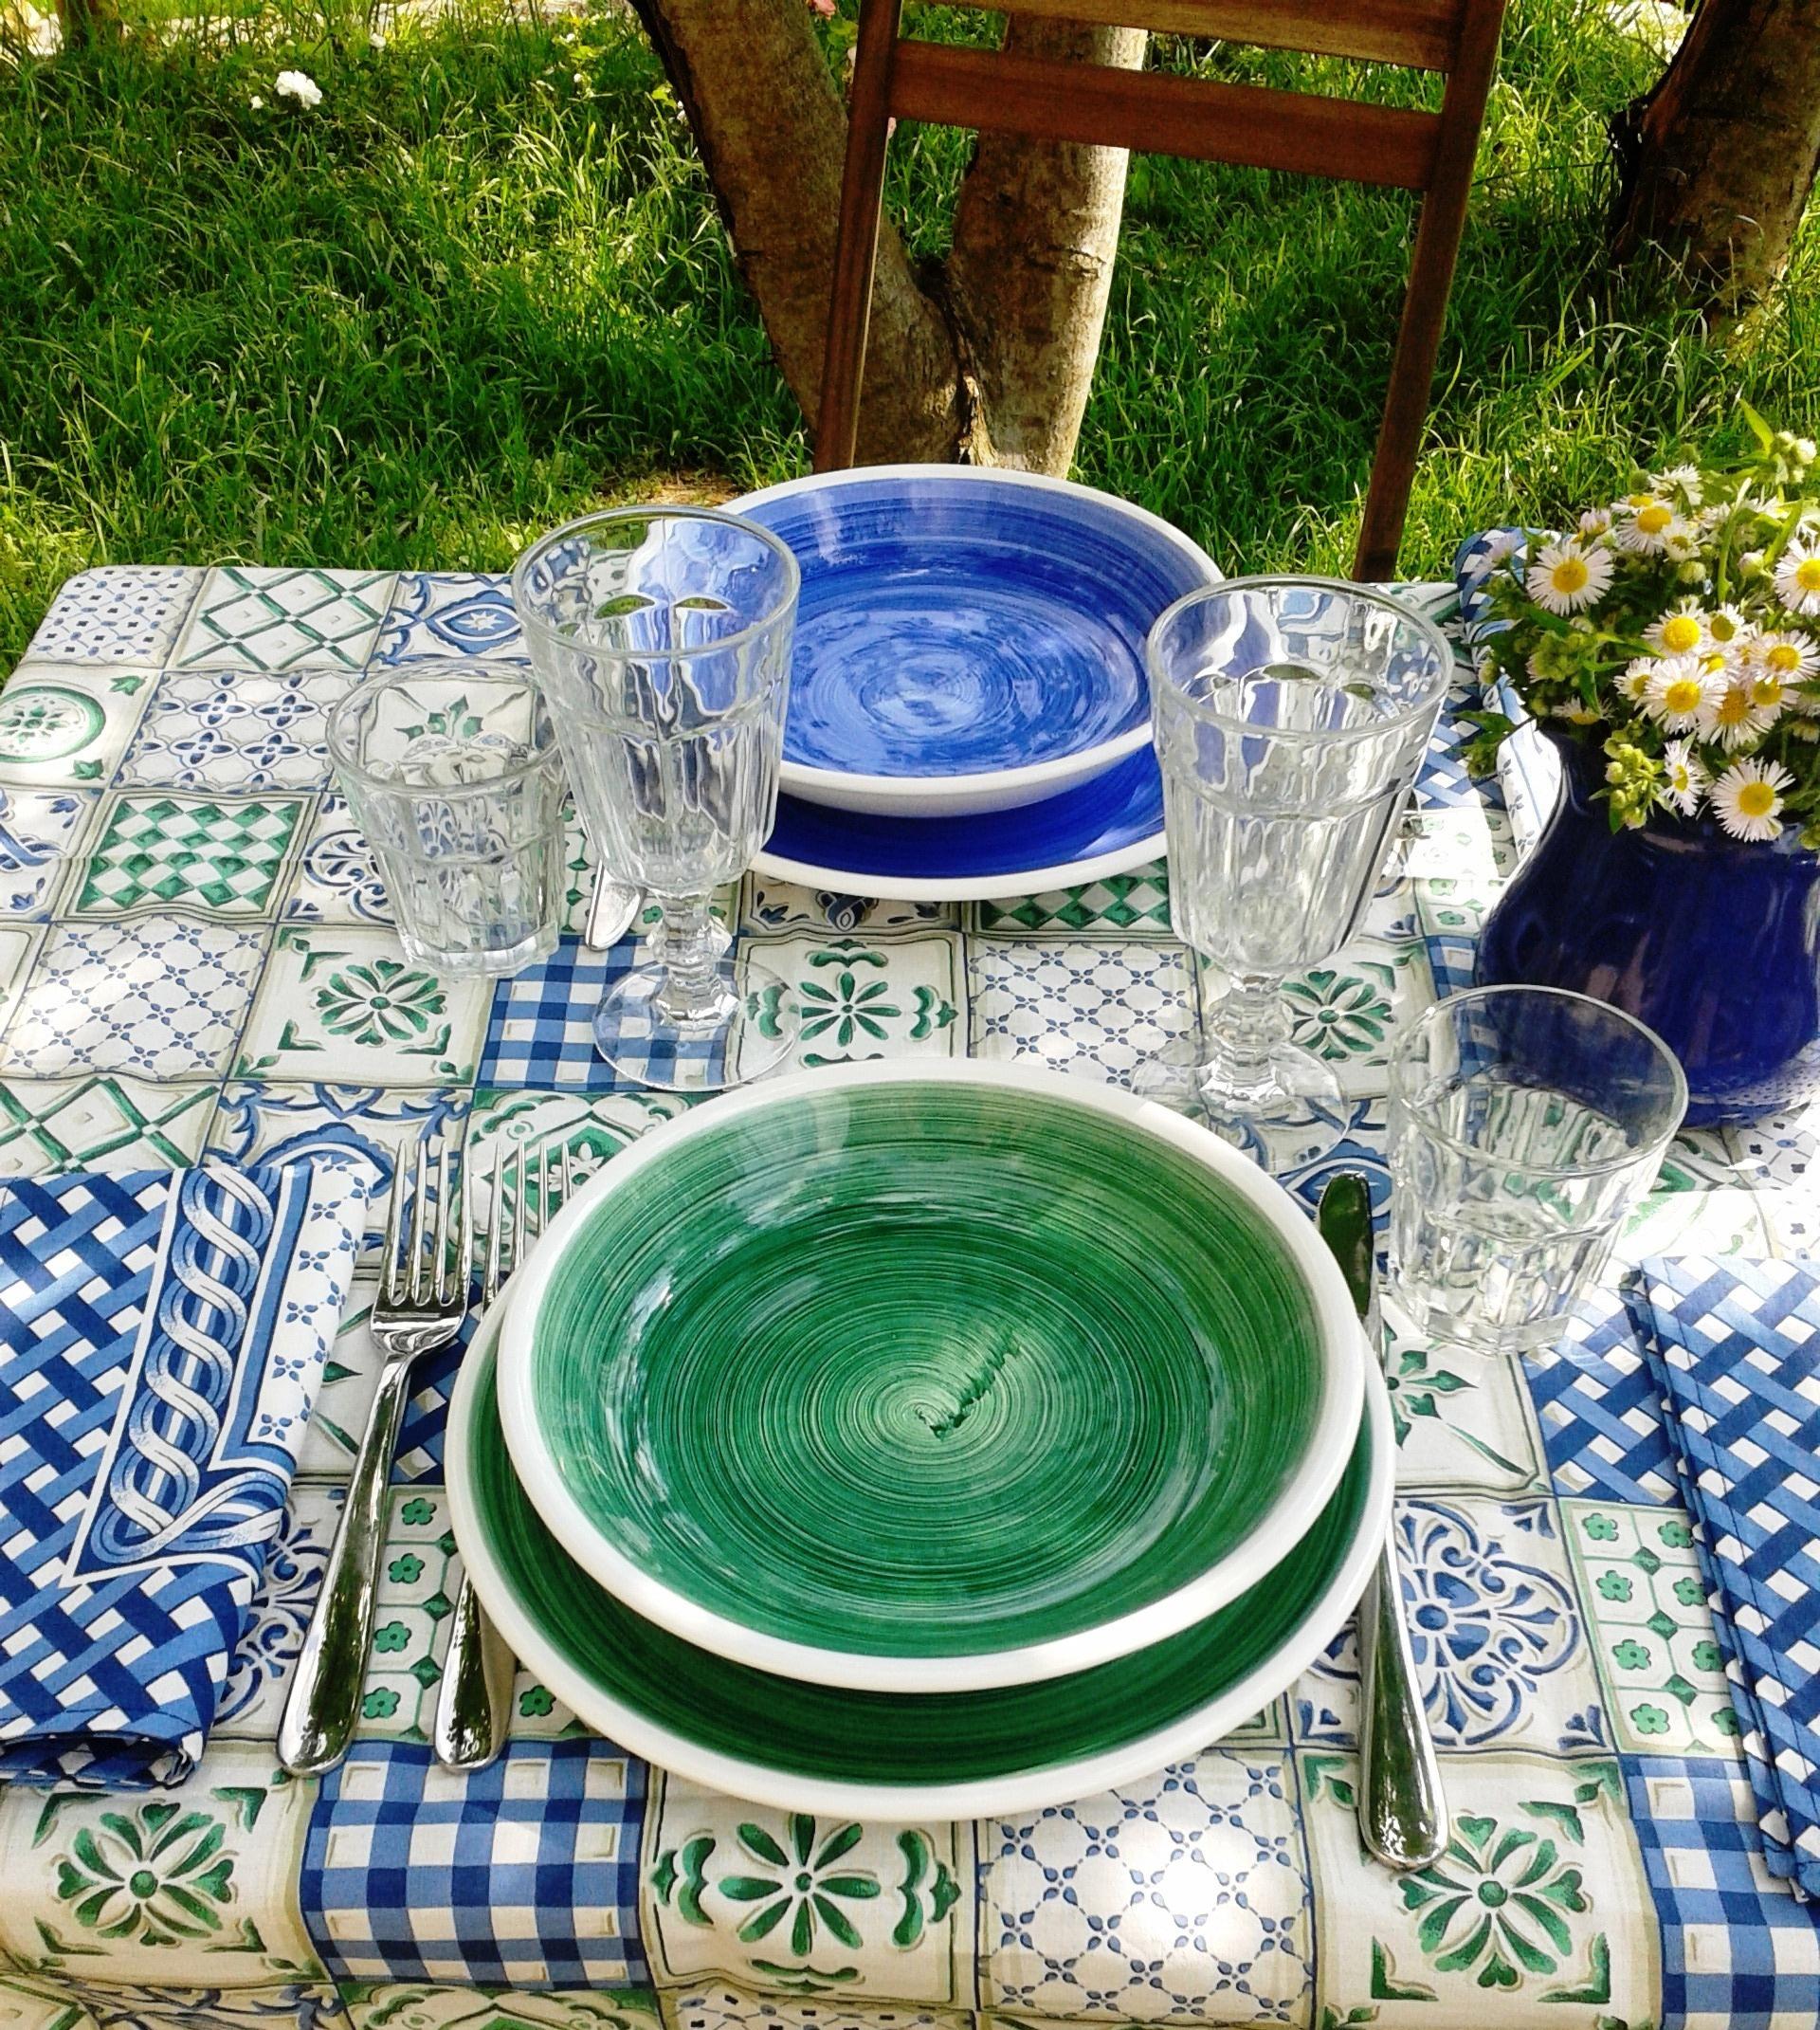 Cucina per le amiche idee per apparecchiare la tavola - Tavola per cucina ...